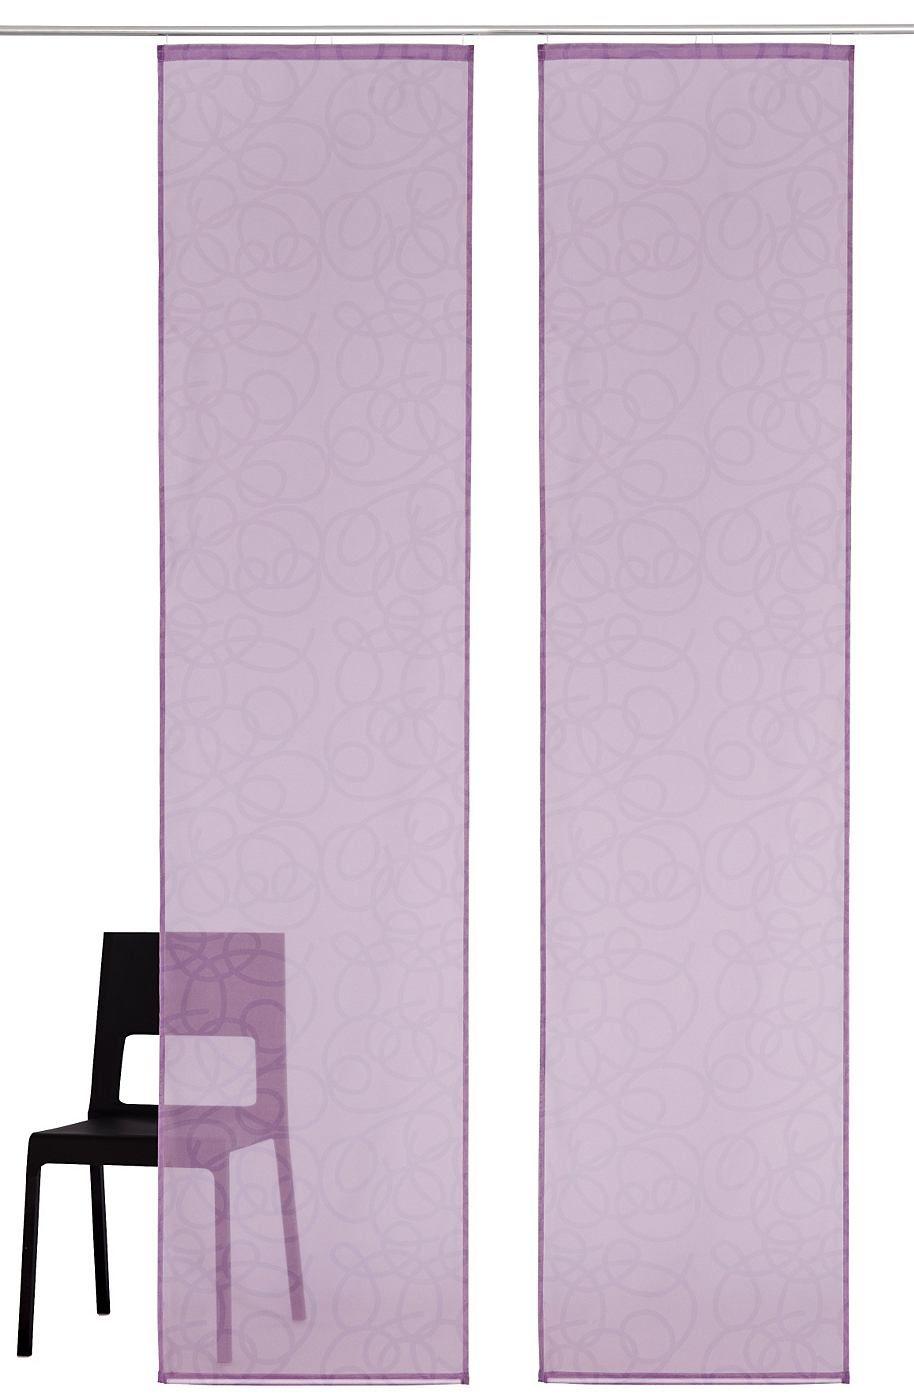 Moderne Gardinenstangen details aufhängung klettschiene befestigung erfolgt mittels